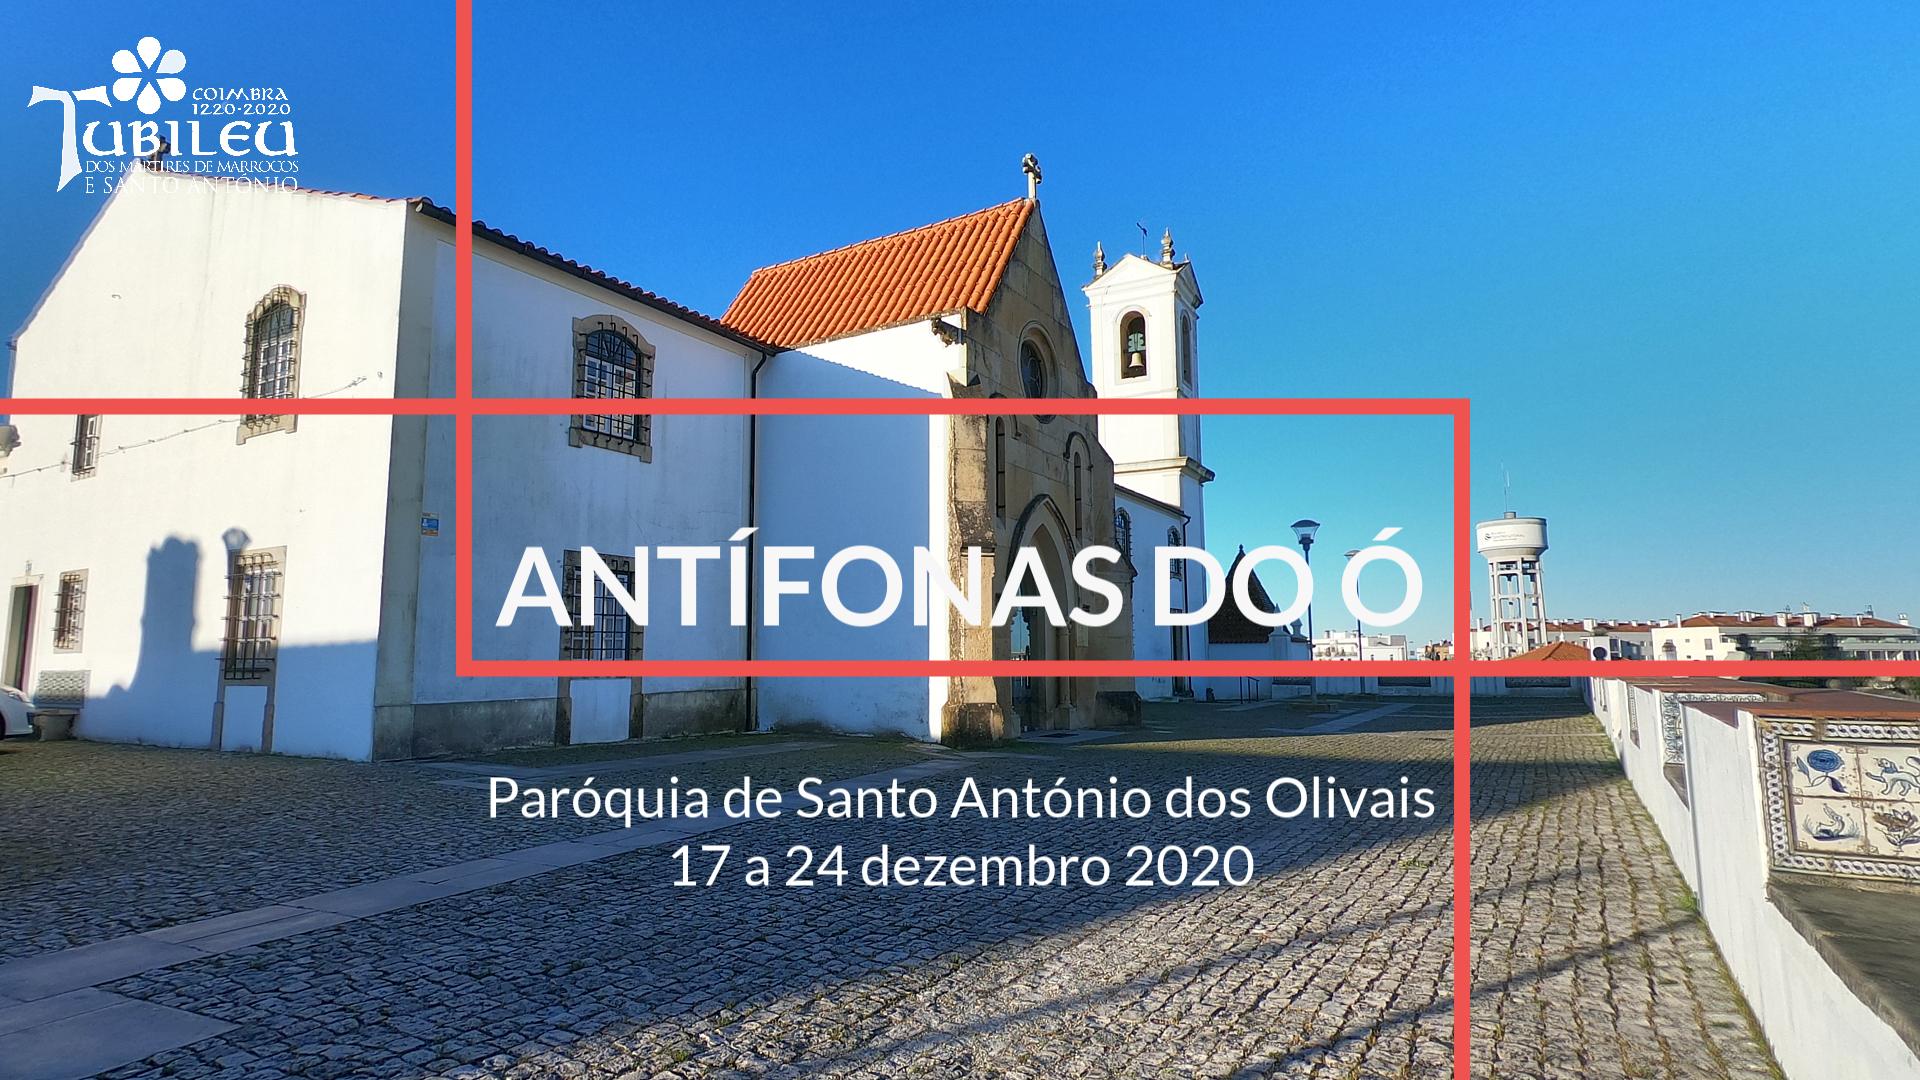 Antífonas do Ó ou Antífonas Maiores - 17 a 24 dezembro